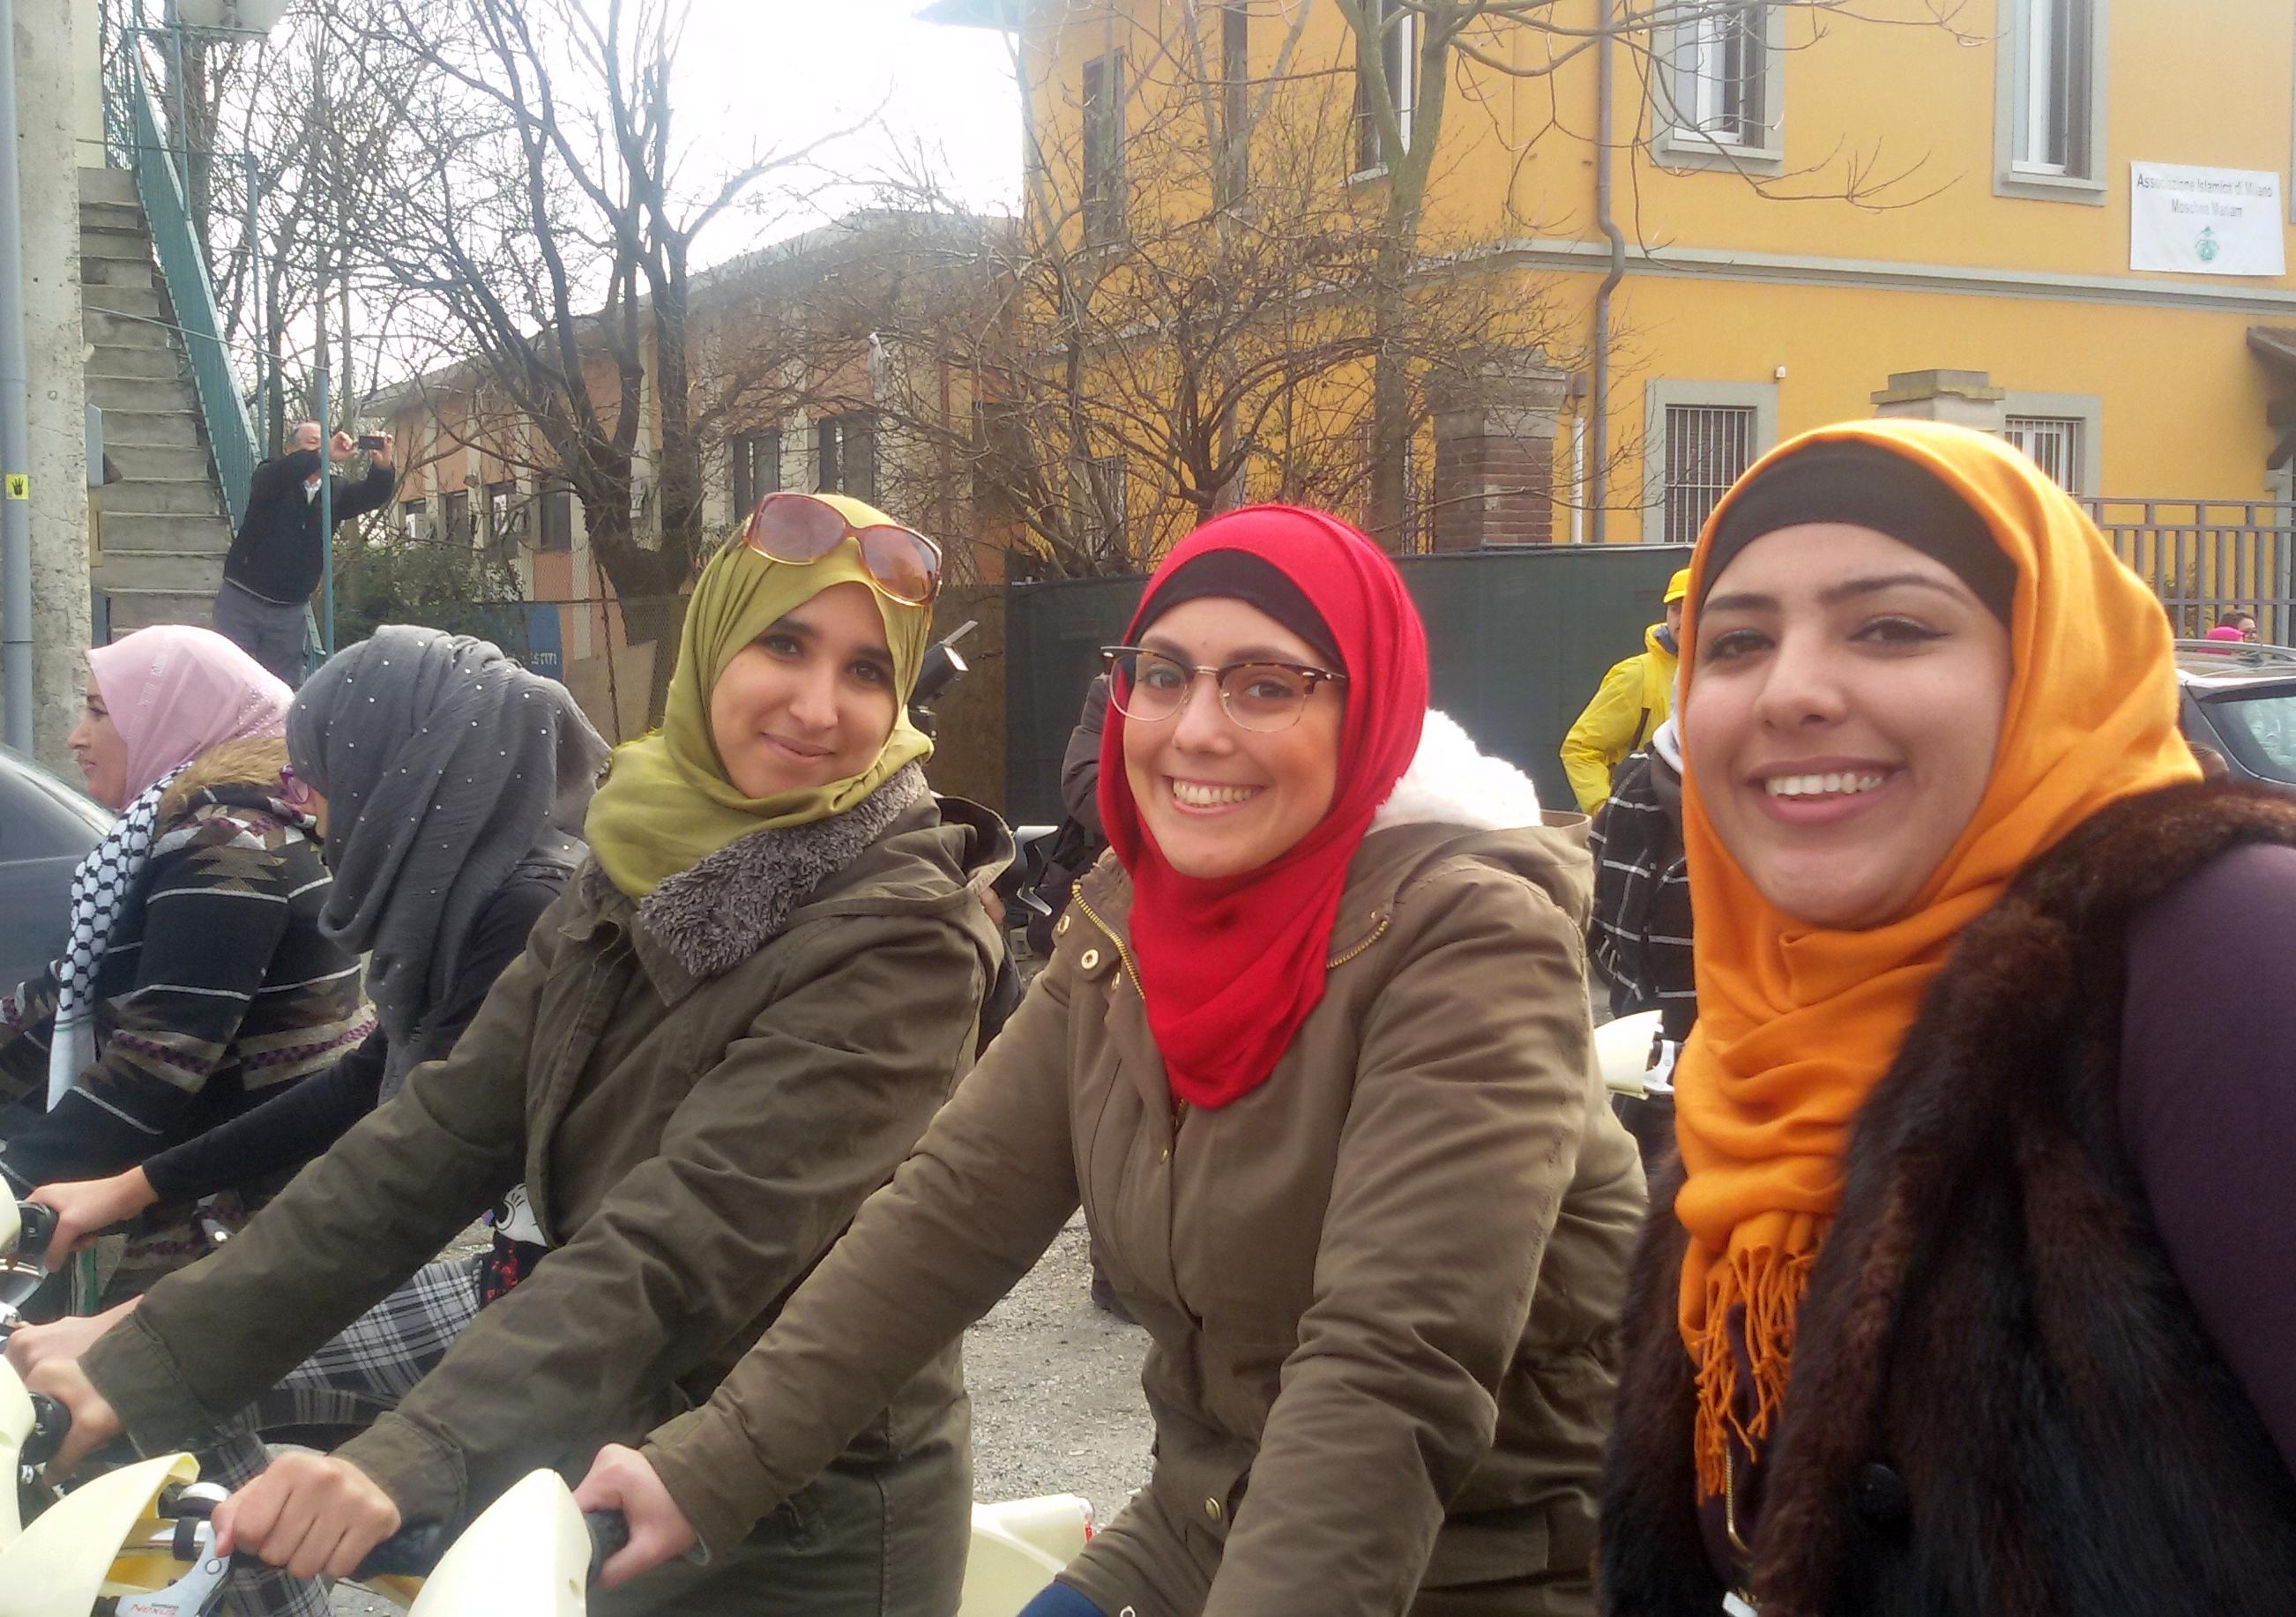 L ossessione occidentale del velo e il corpo della donna - Perche le donne musulmane portano il velo ...